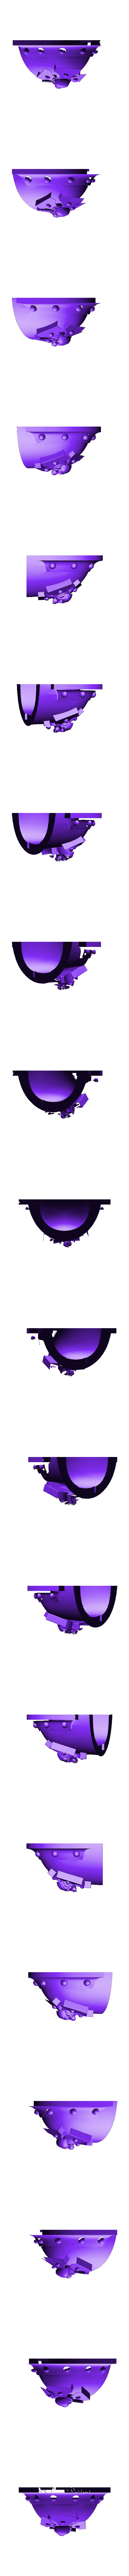 Shoulder 6.stl Télécharger fichier STL gratuit L'équipe des Chevaliers gris Primaris • Modèle pour imprimante 3D, joeldawson93